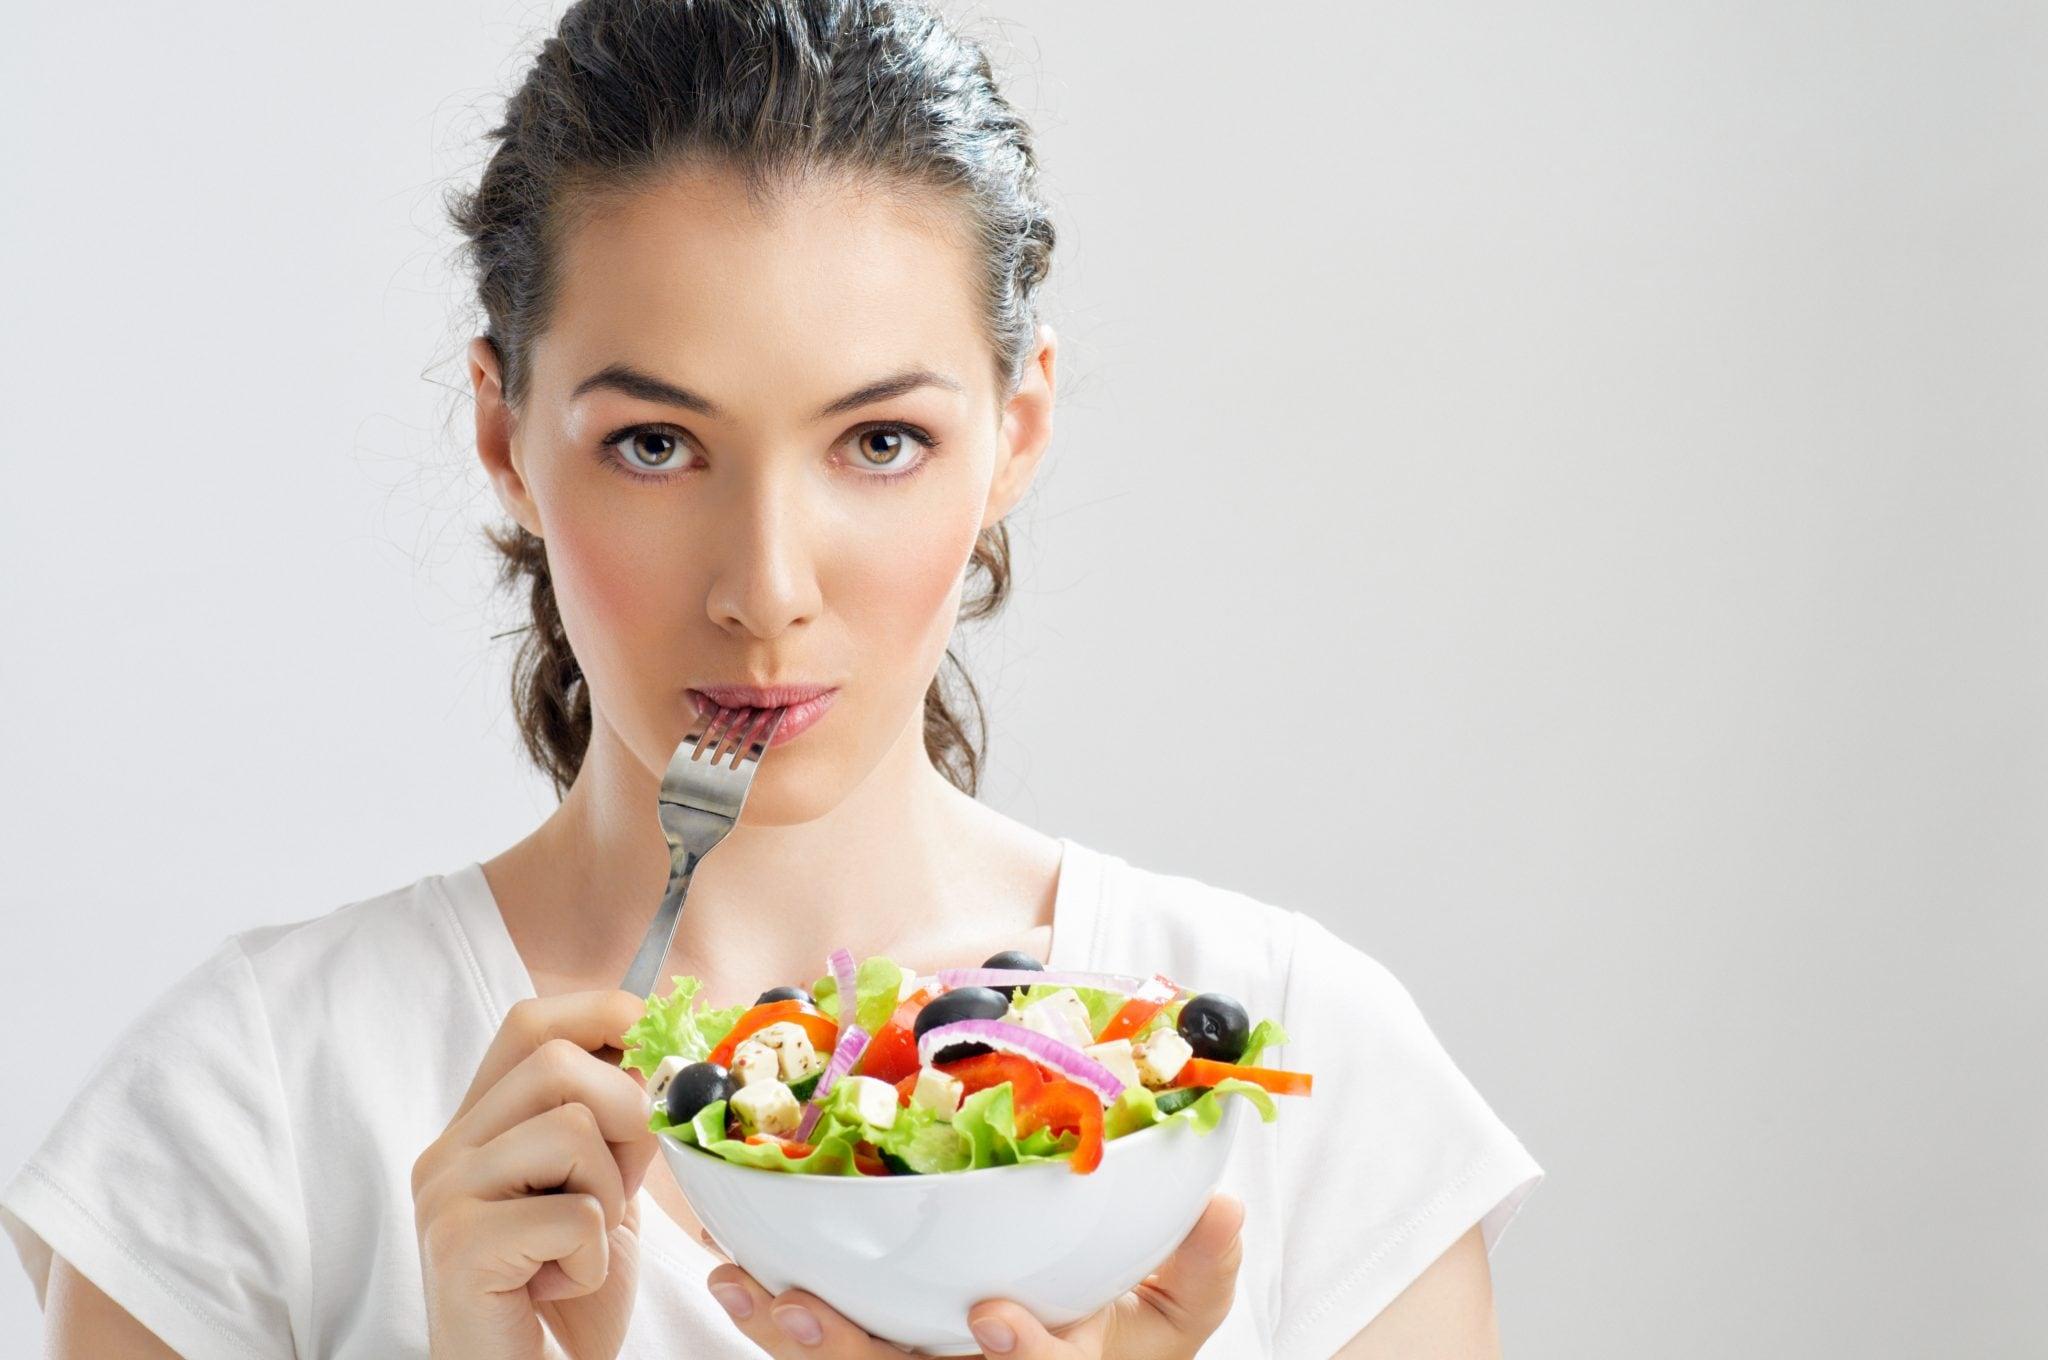 Диеты Худеем Вкусно. Диетические рецепты для похудения